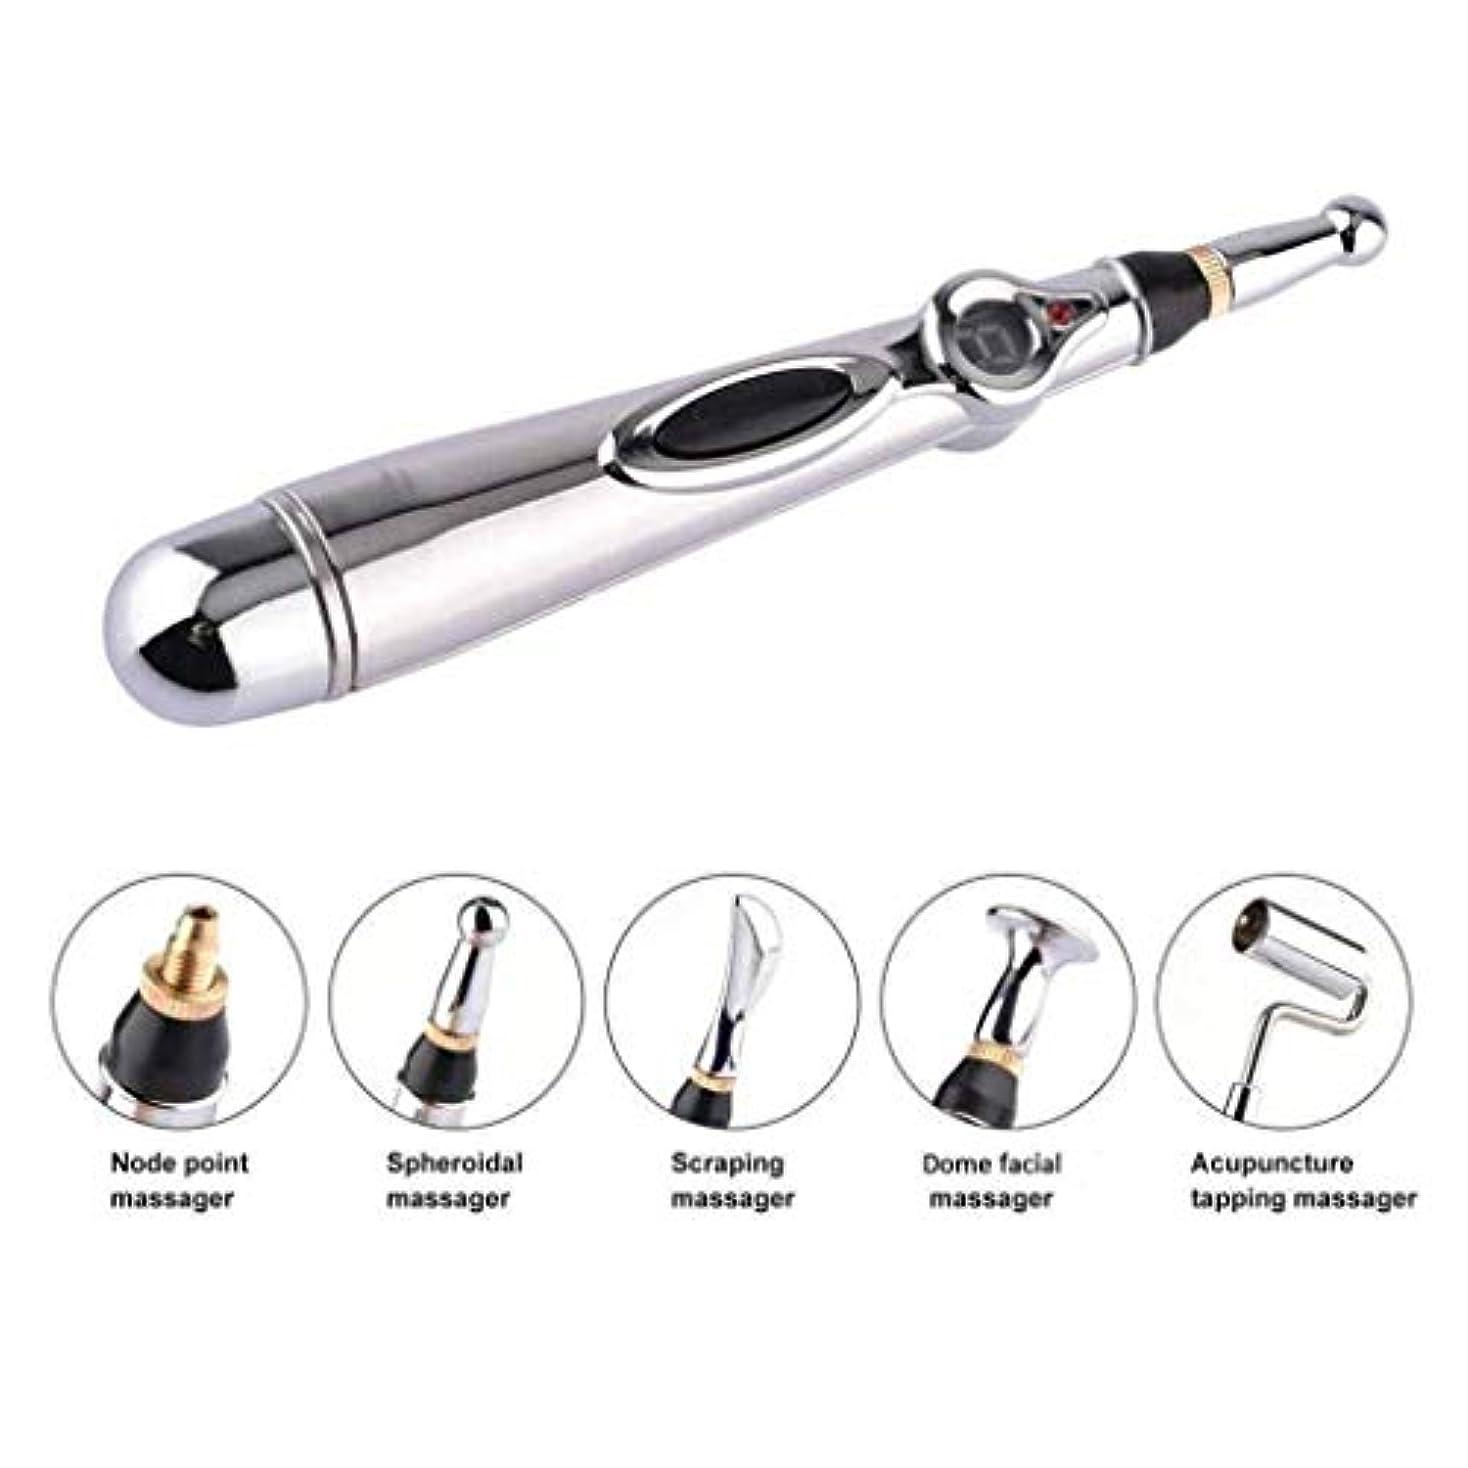 隔離する八百屋胆嚢メリディアンペン、5つのマッサージヘッドを備えた鍼治療用ペン、メリディアンエネルギーポイントペン、鎮痛マッサージツール